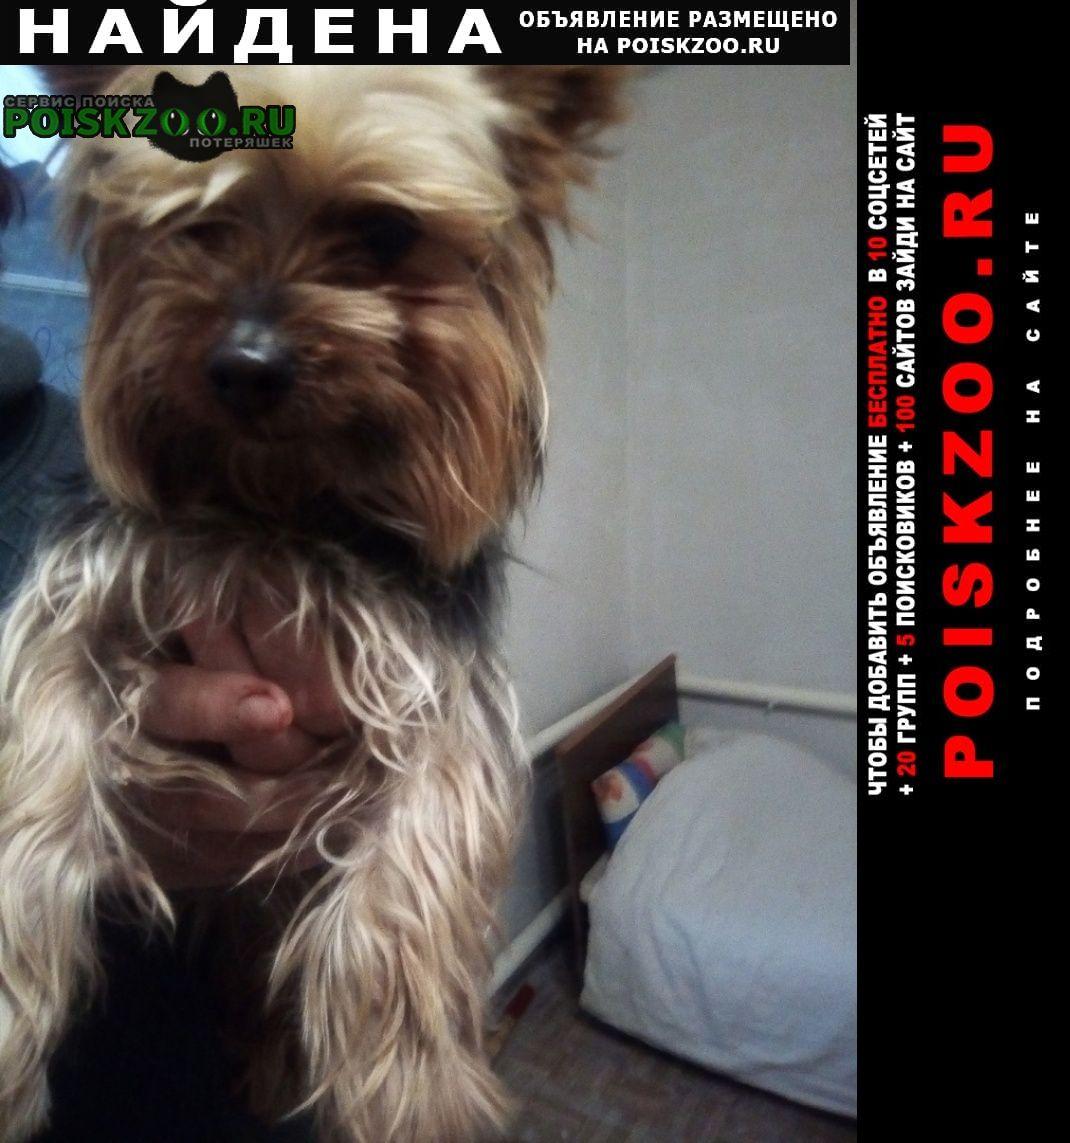 Найдена собака йорк с красным ошейником Макеевка